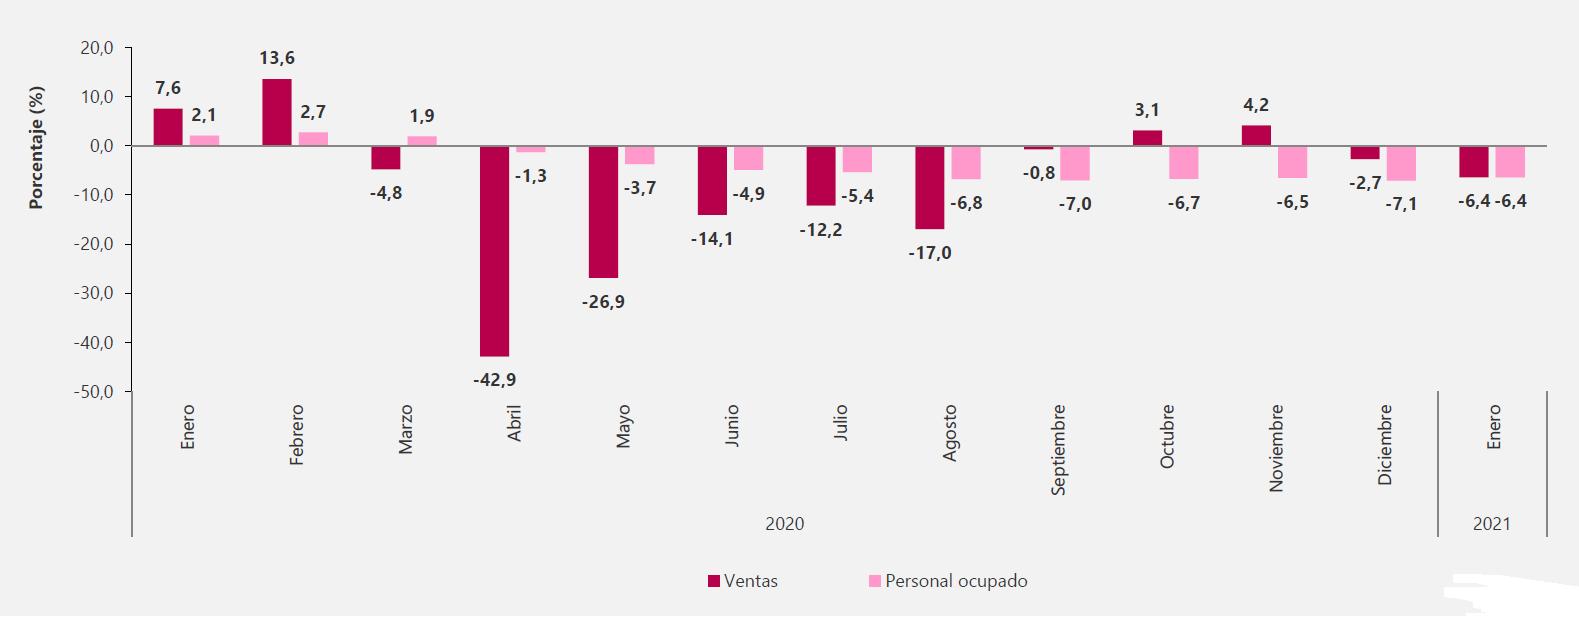 Variación anual de las ventas reales y personal ocupado.